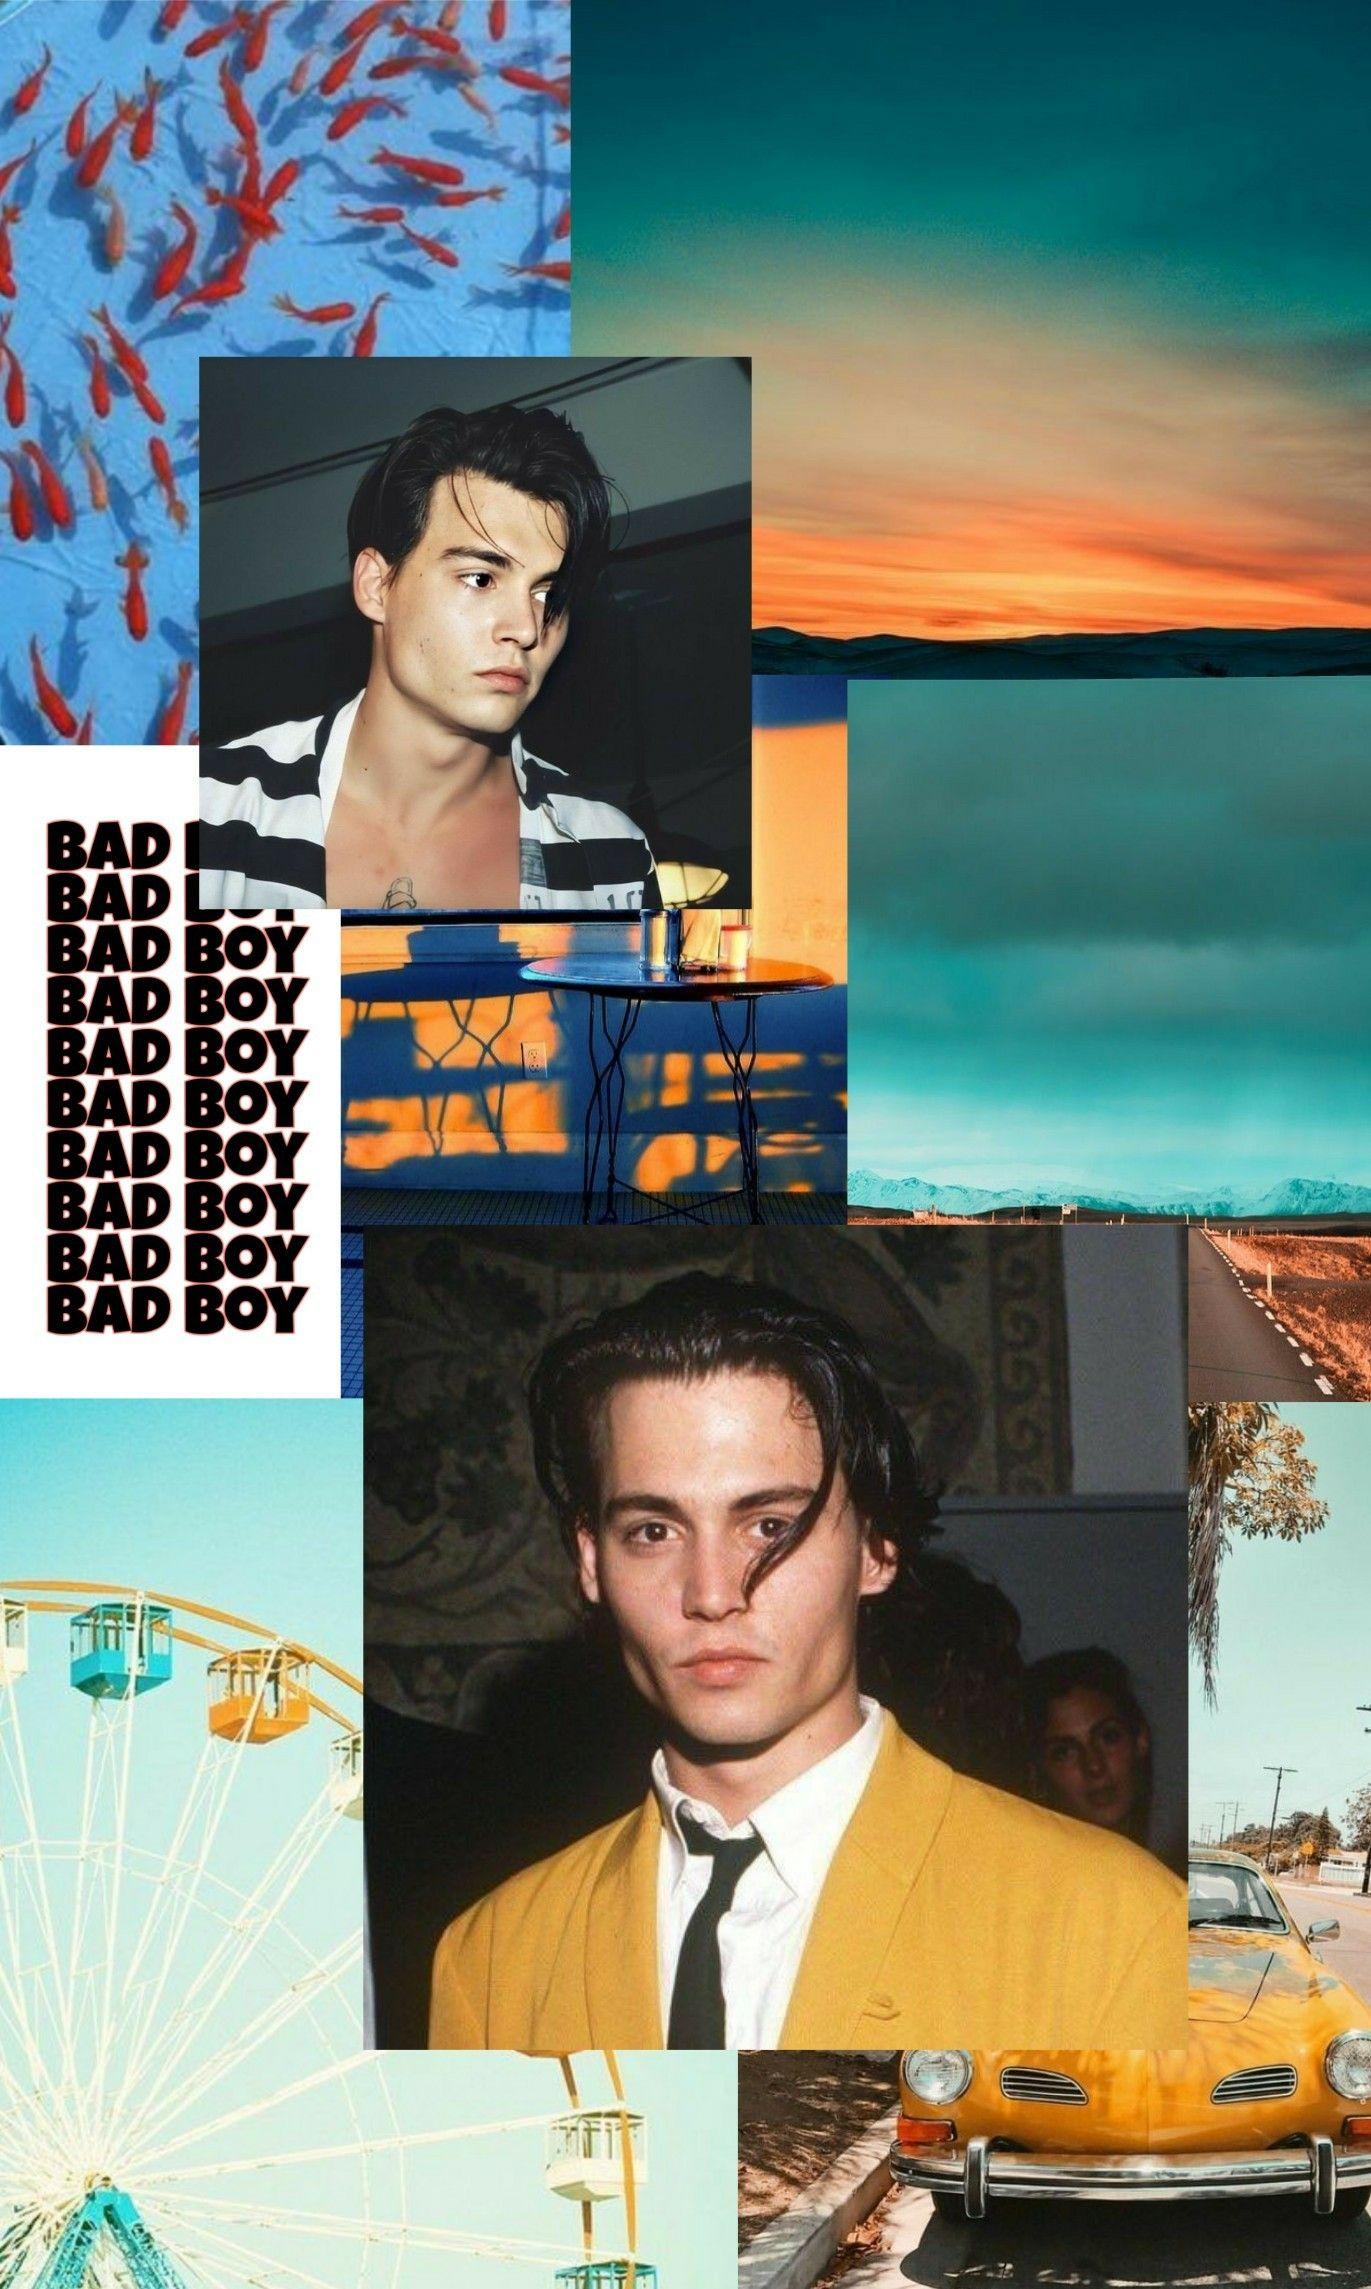 Johnny Depp Wallpaper Young Johnny Depp Wallpaper Young Johnny Depp Johnny Depp